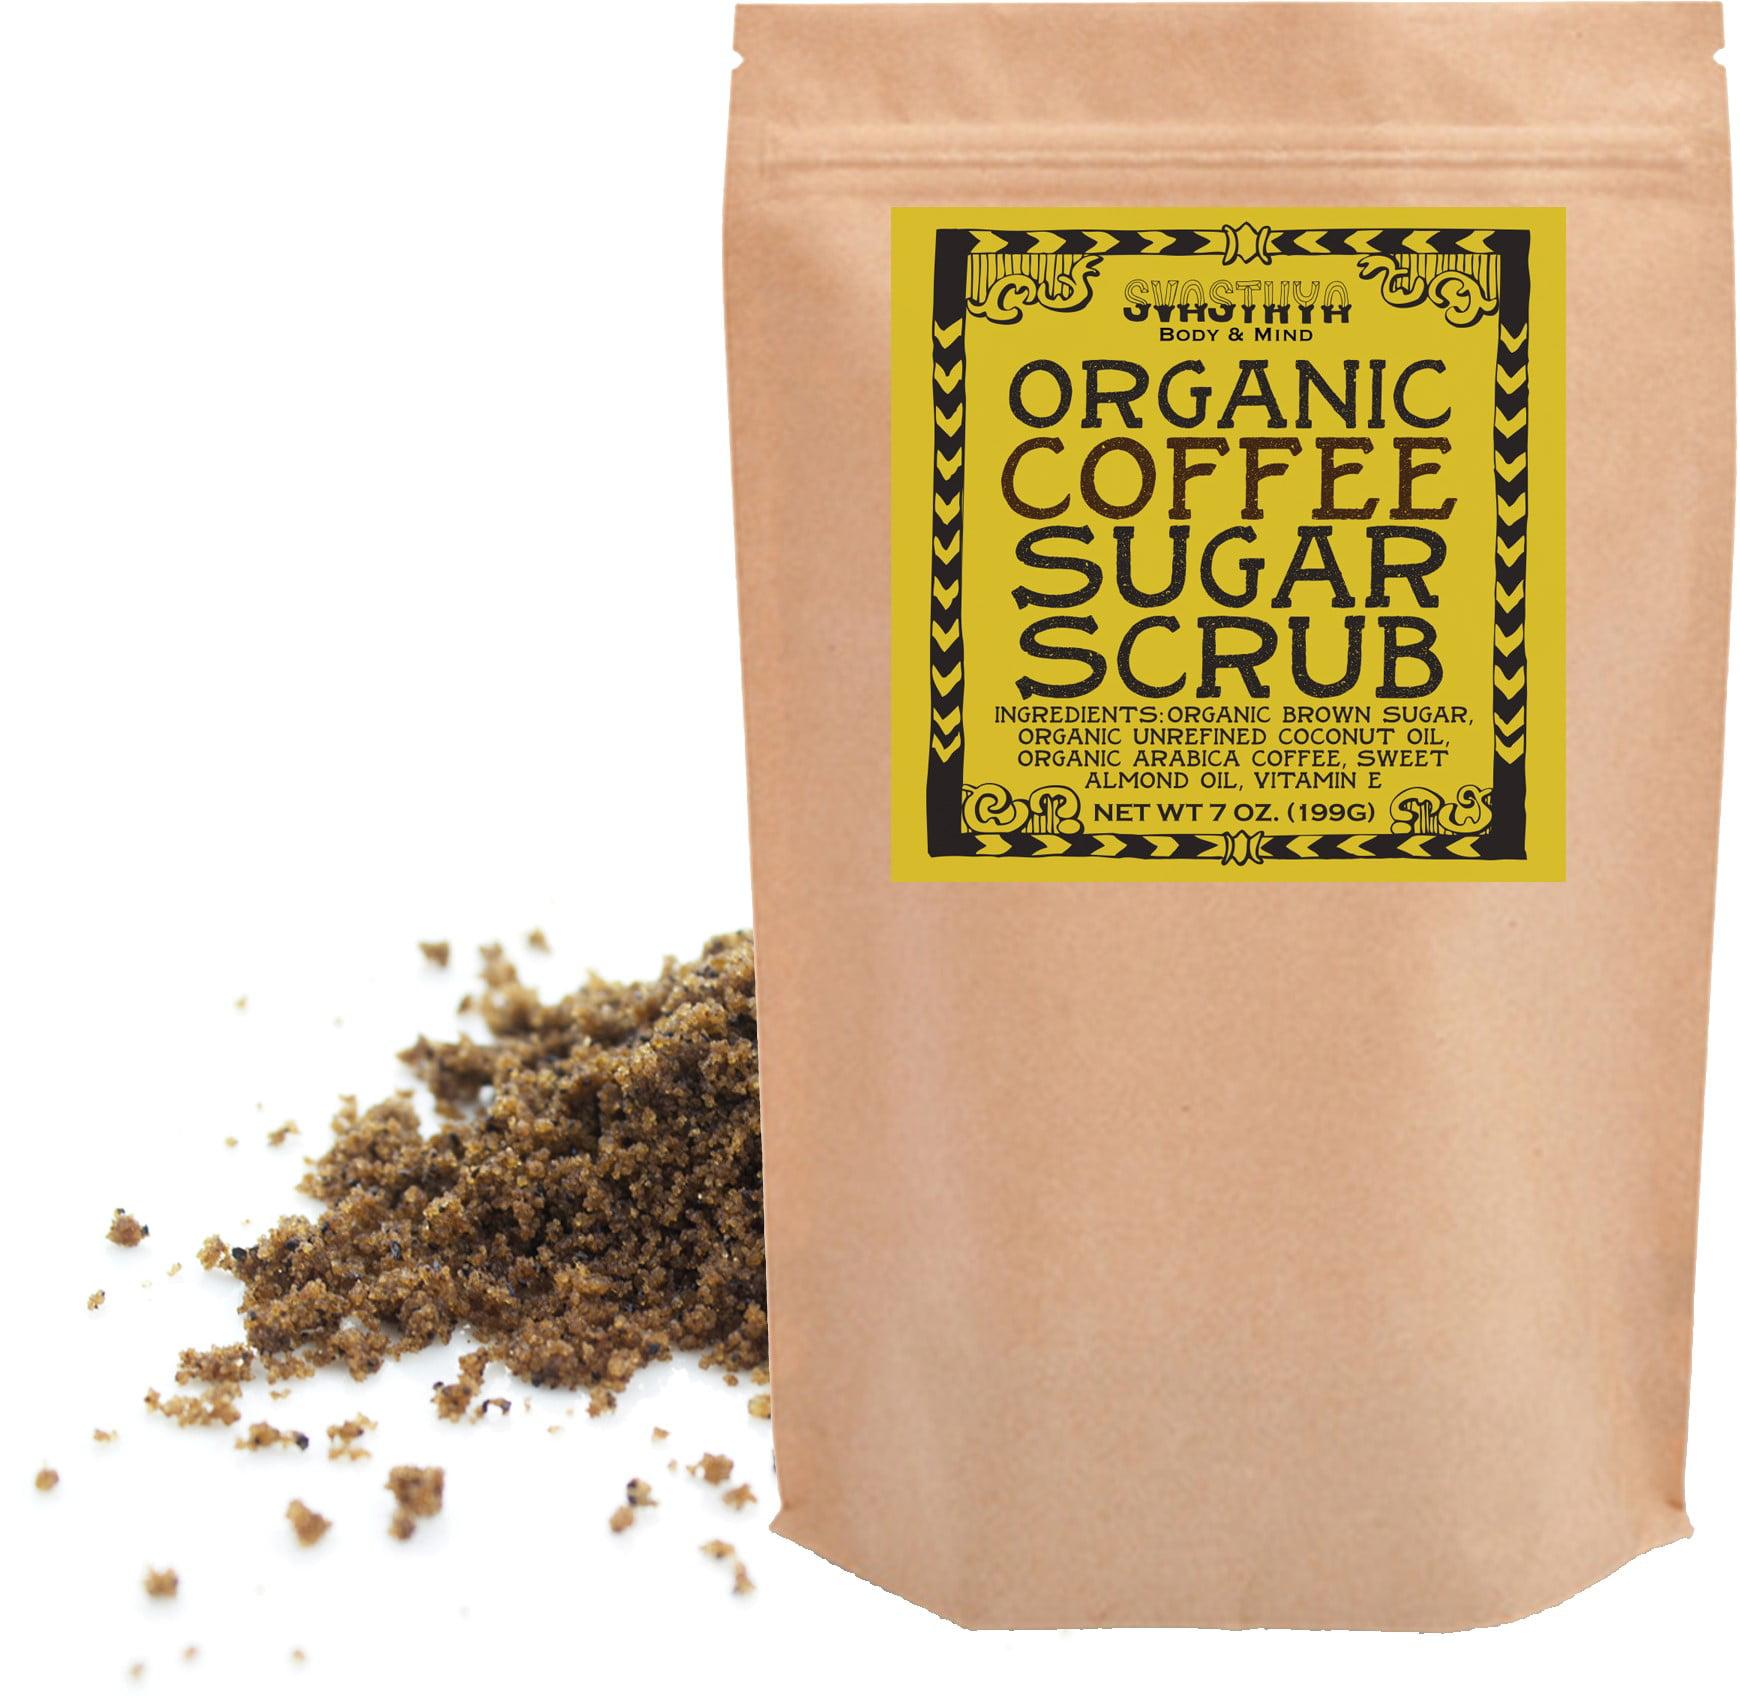 Svasthya Body & Mind Organic Coffee Sugar Scrub 7 oz